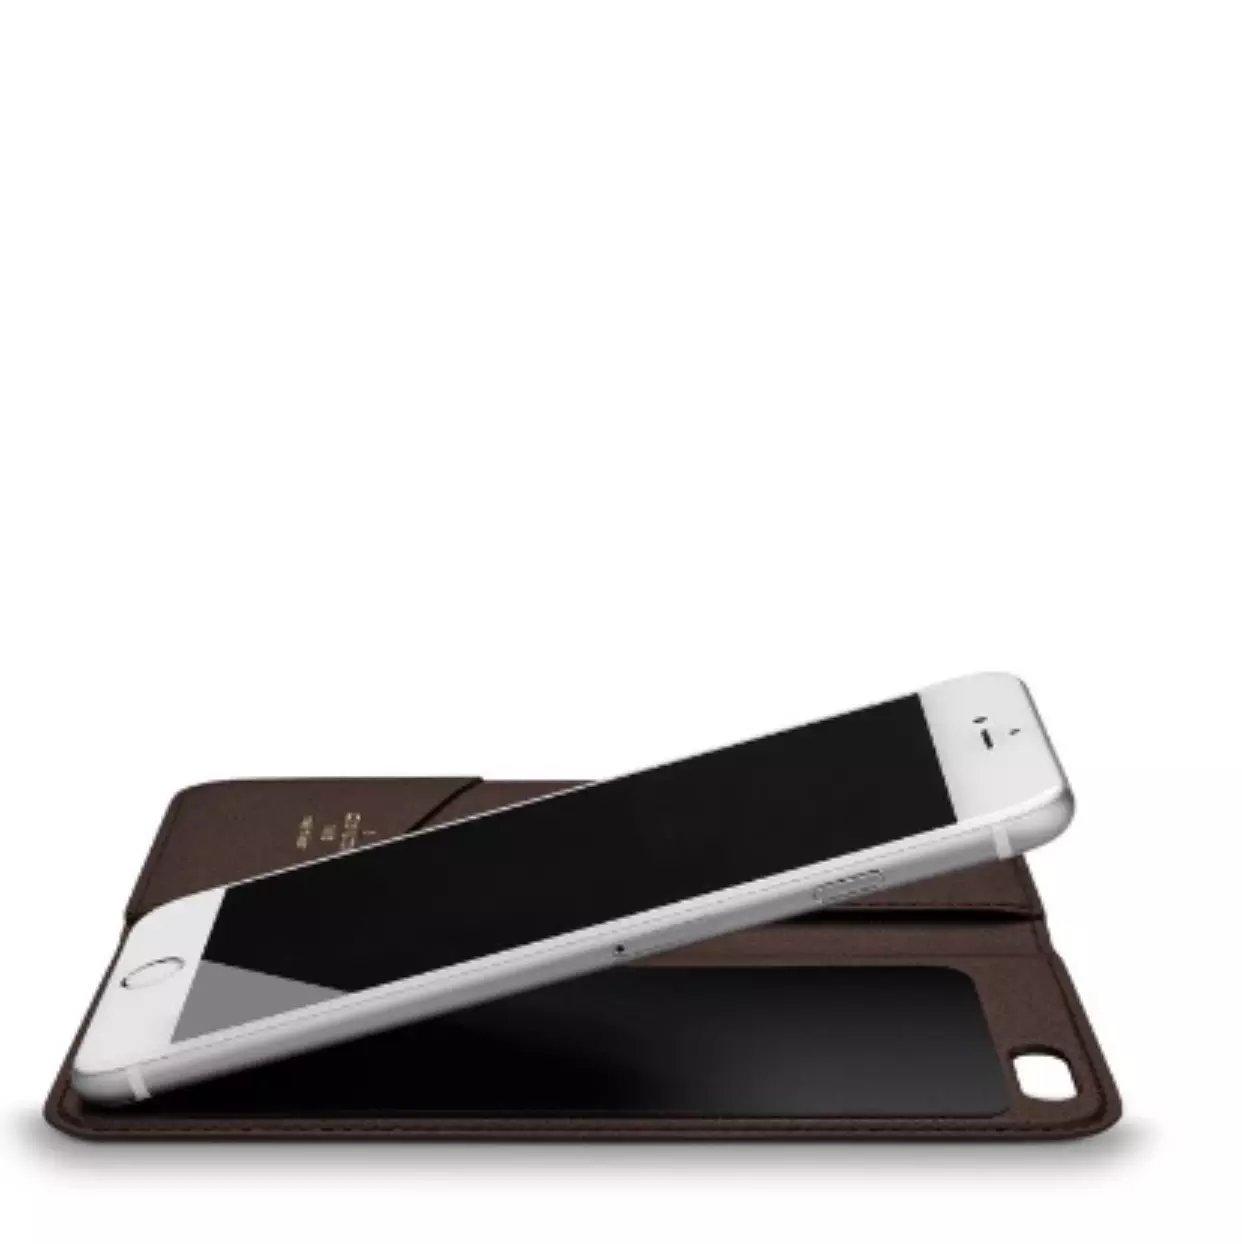 iphone lederhülle foto iphone hülle Louis Vuitton iphone7 hülle ca7 E eigenes handy cover erstellen iphone 6 preis iphone cover mit foto stylische iphone hüllen meine eigene handyhülle